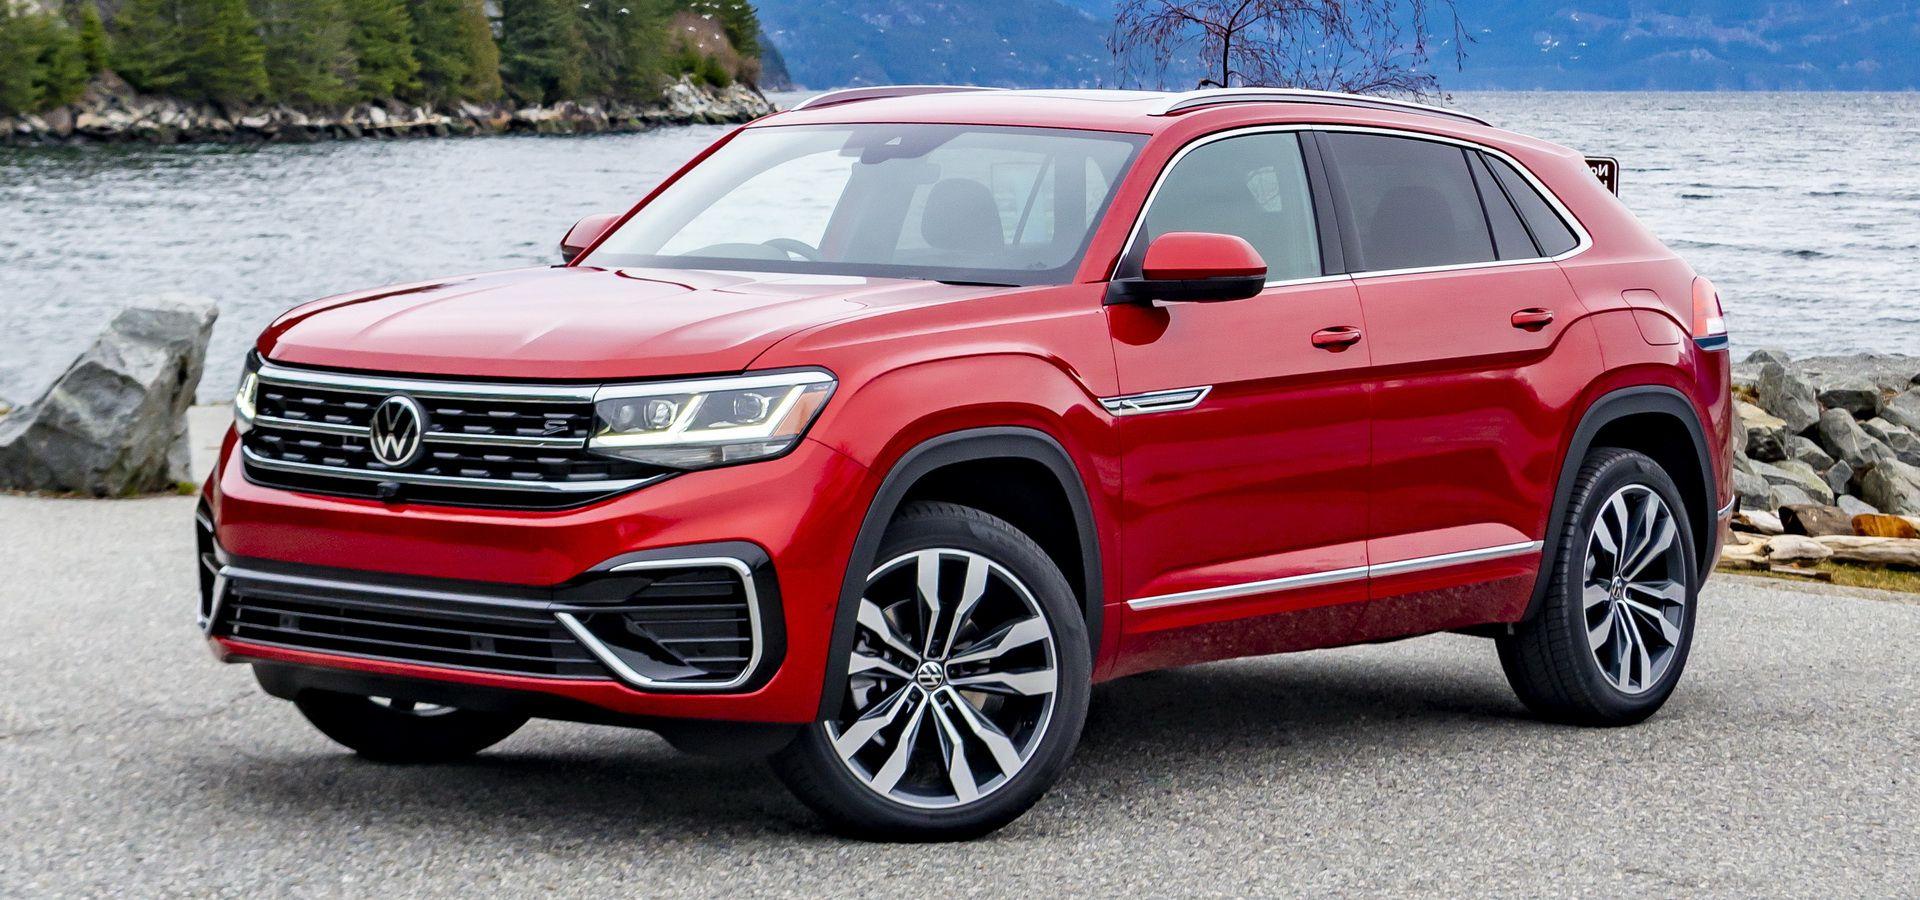 2021 Volkswagen Atlas Cross Sport Release Date, Review